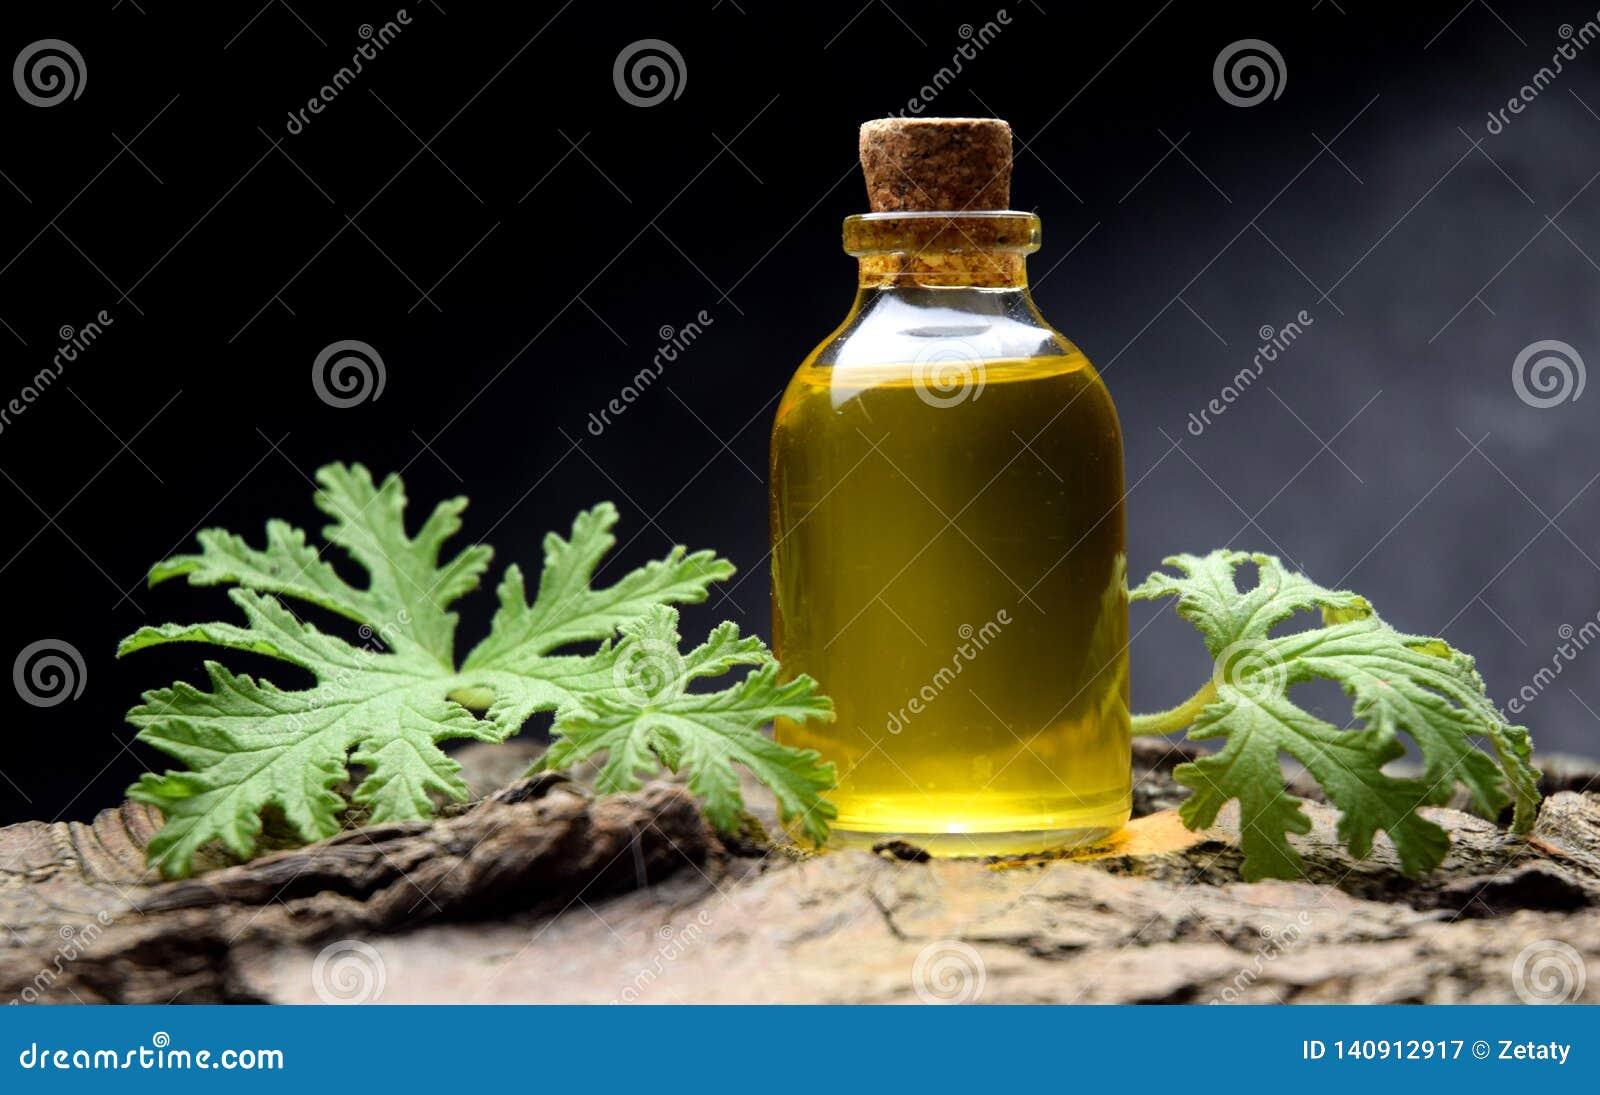 Geranium oil aromatherapy bio organic SPA